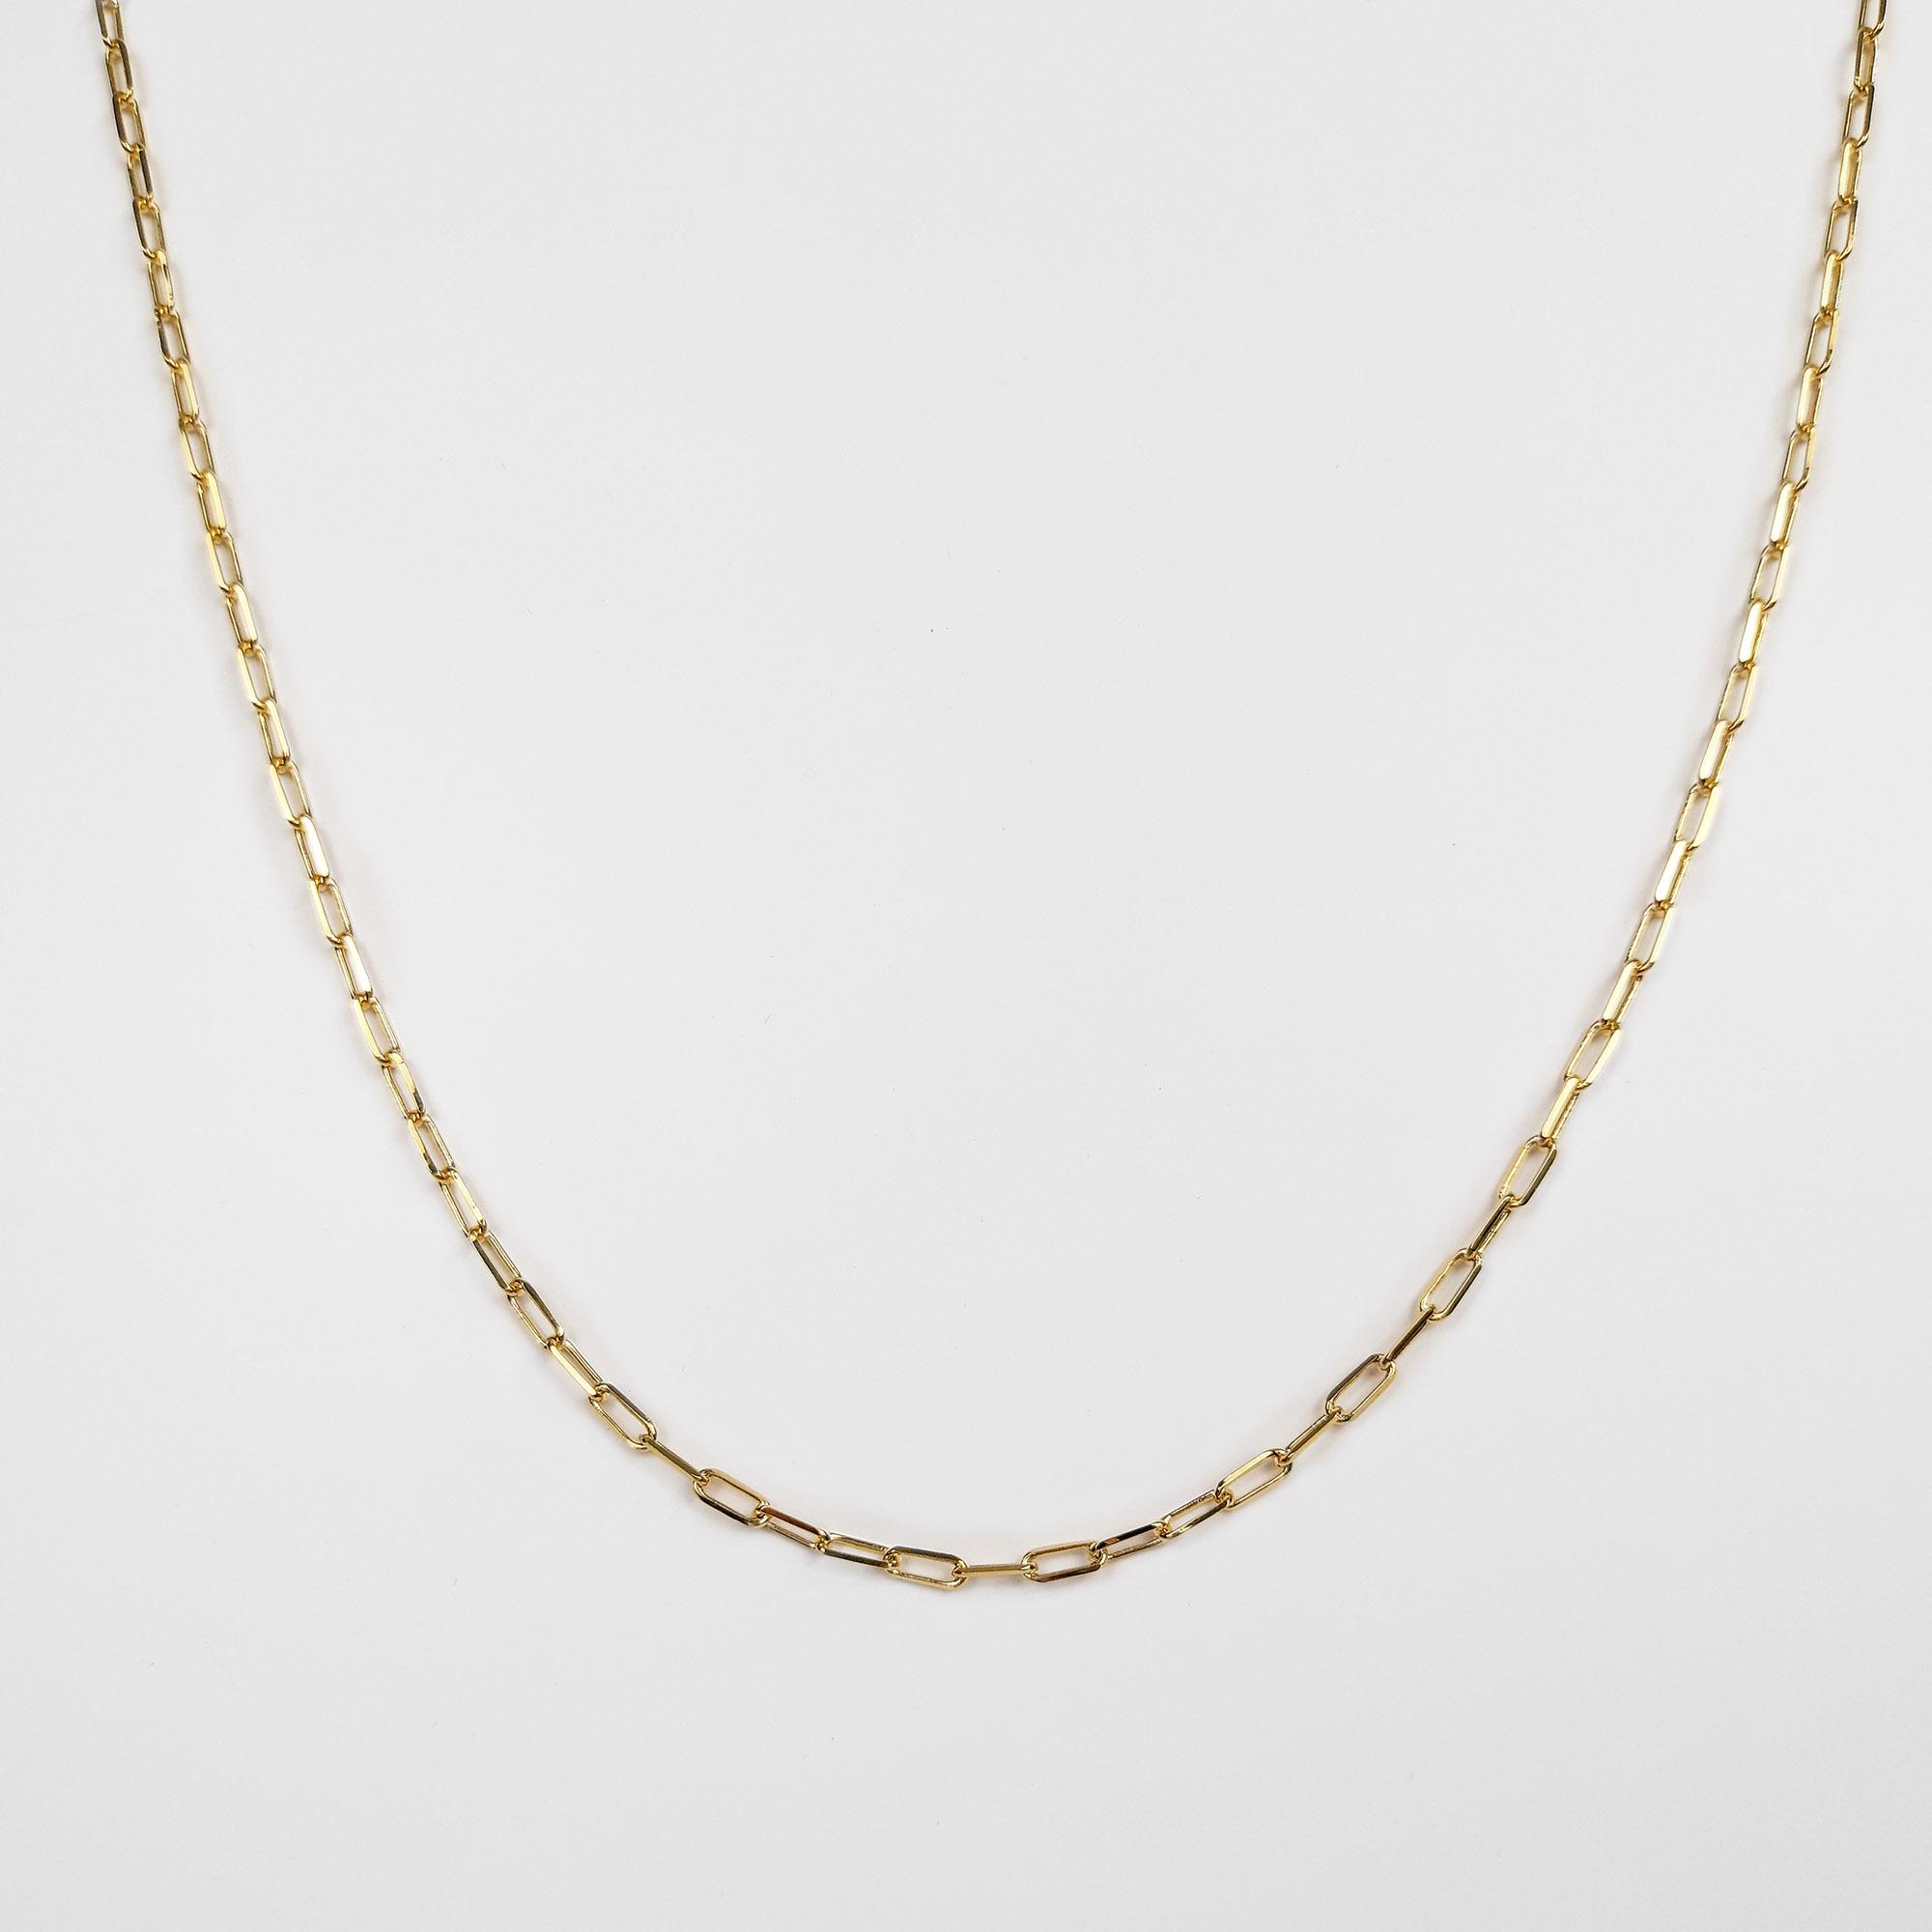 Corrente Masculina Elo Alongado 2,5mm 60cm Folheado Ouro 18k  - Lunozê Joias